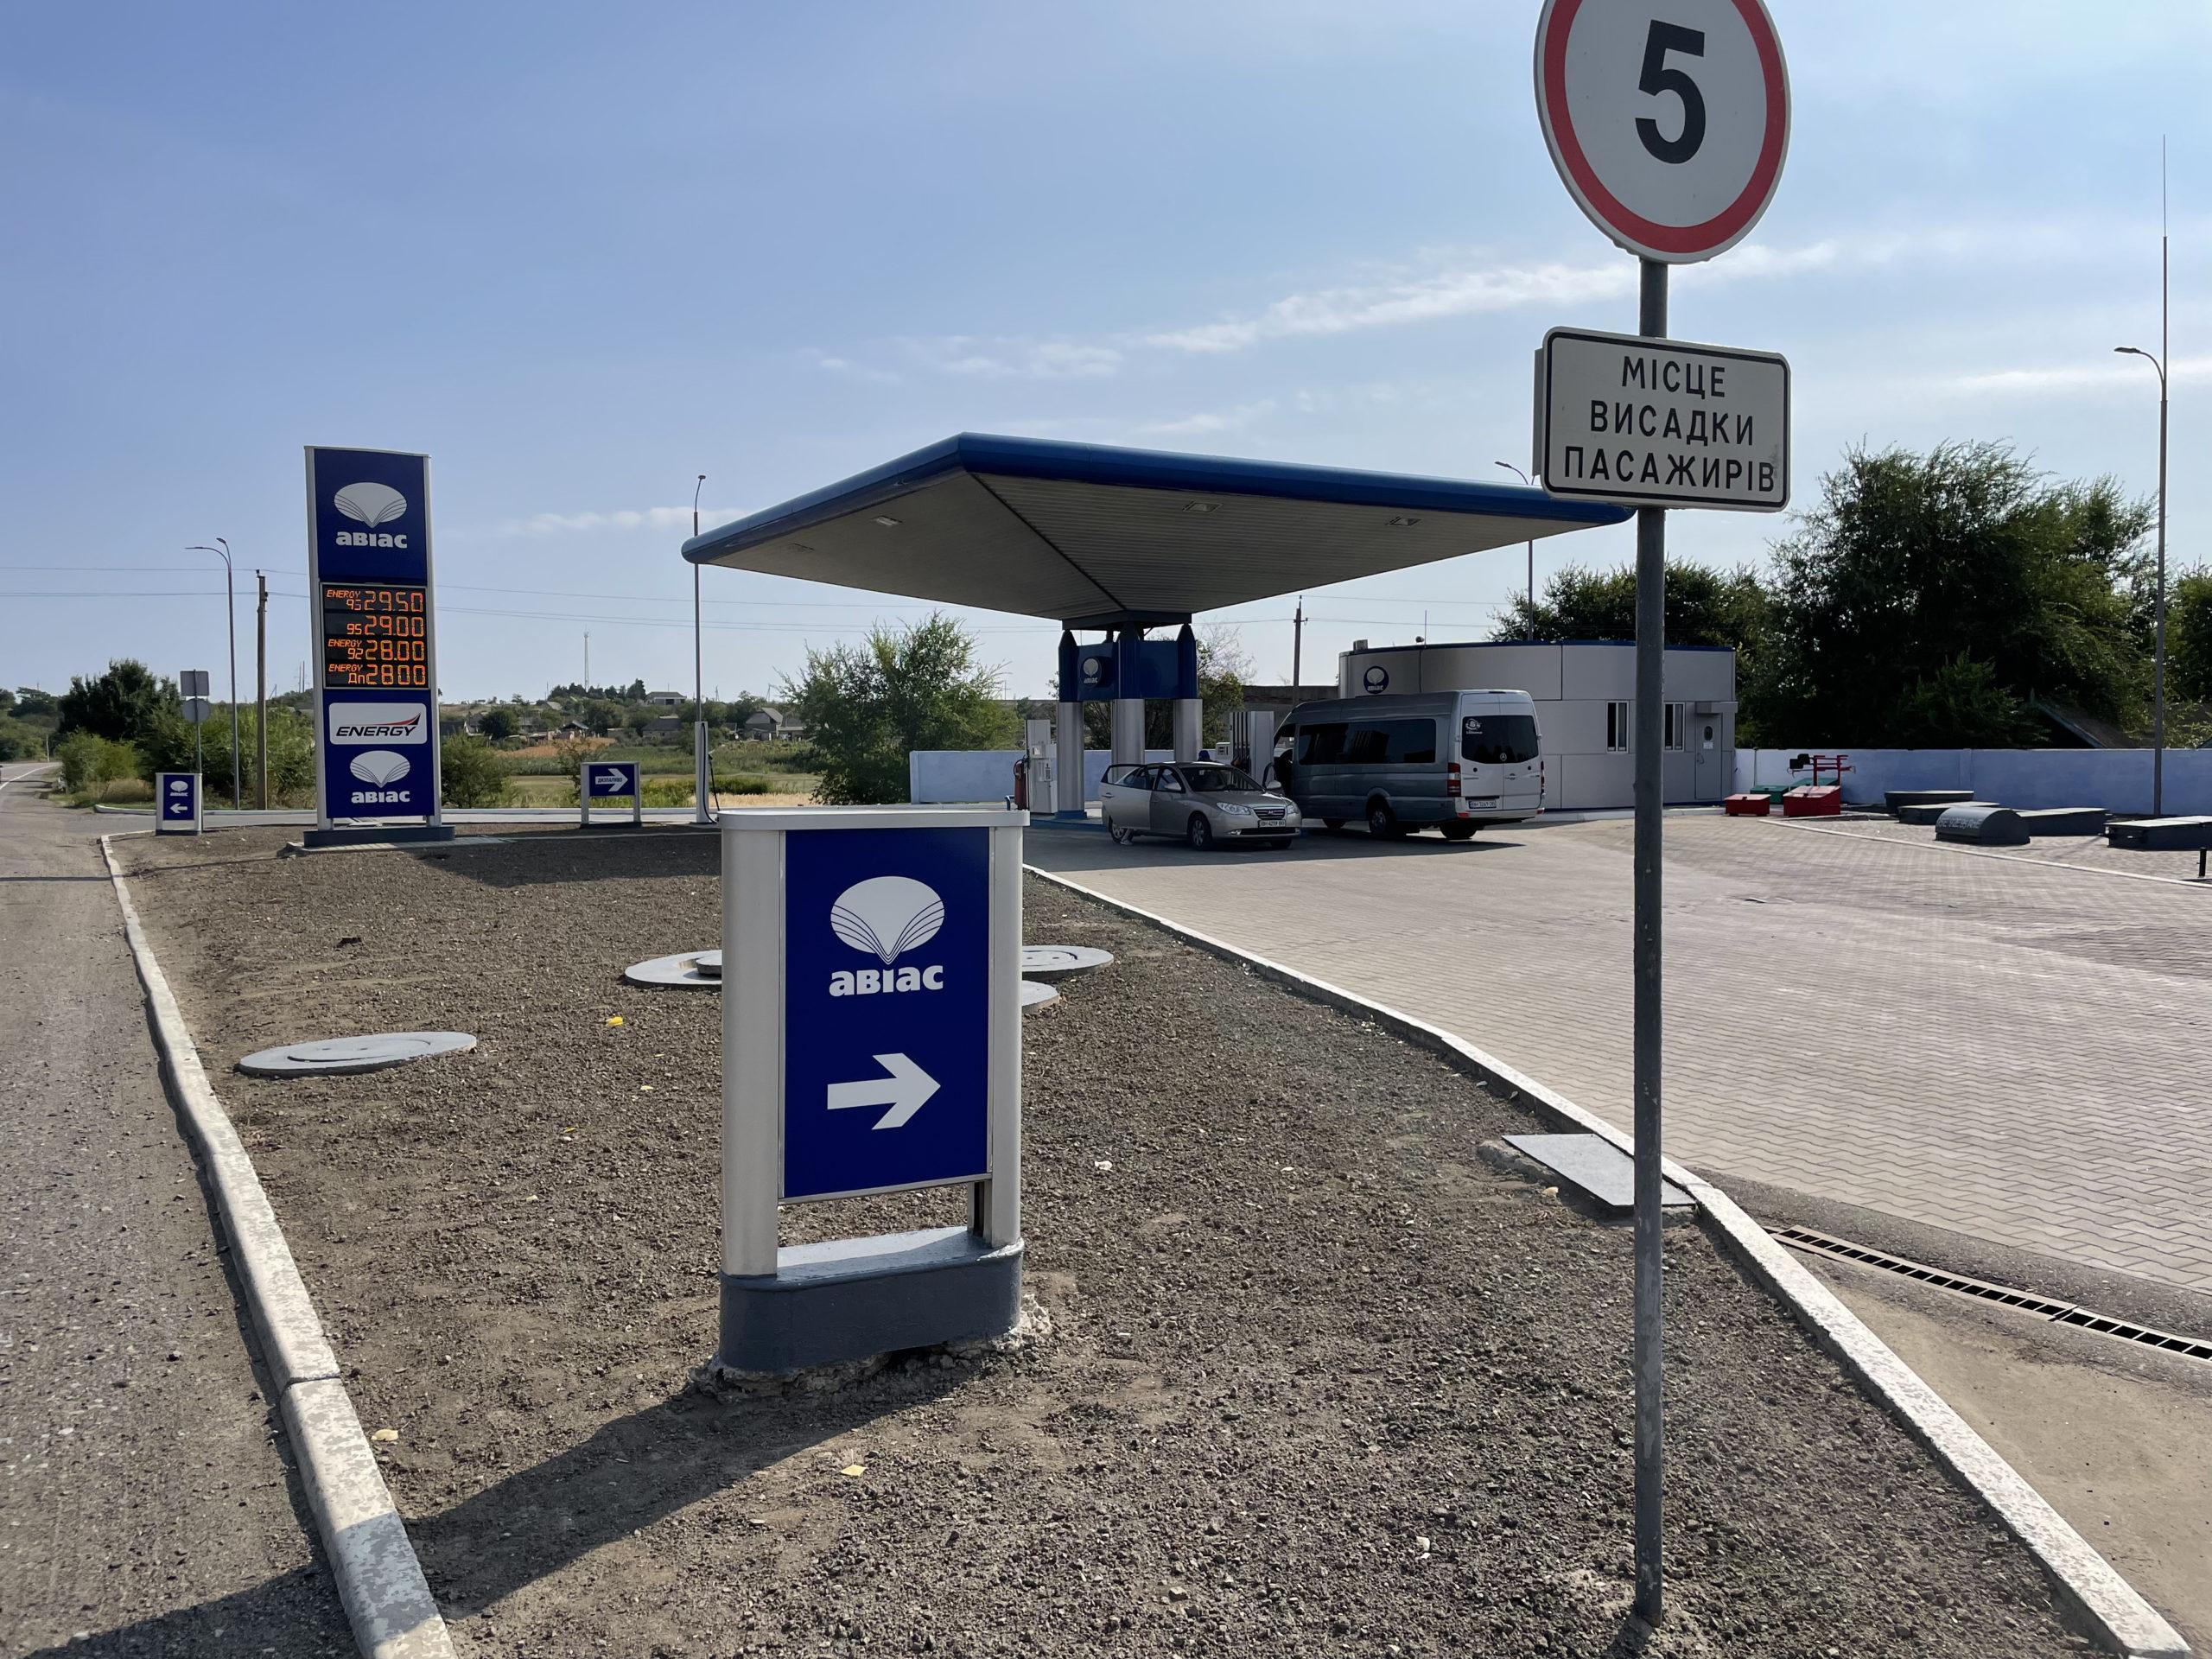 Na ukraińskich stacjach benzynowych zwykle pracownik nalewa paliwo